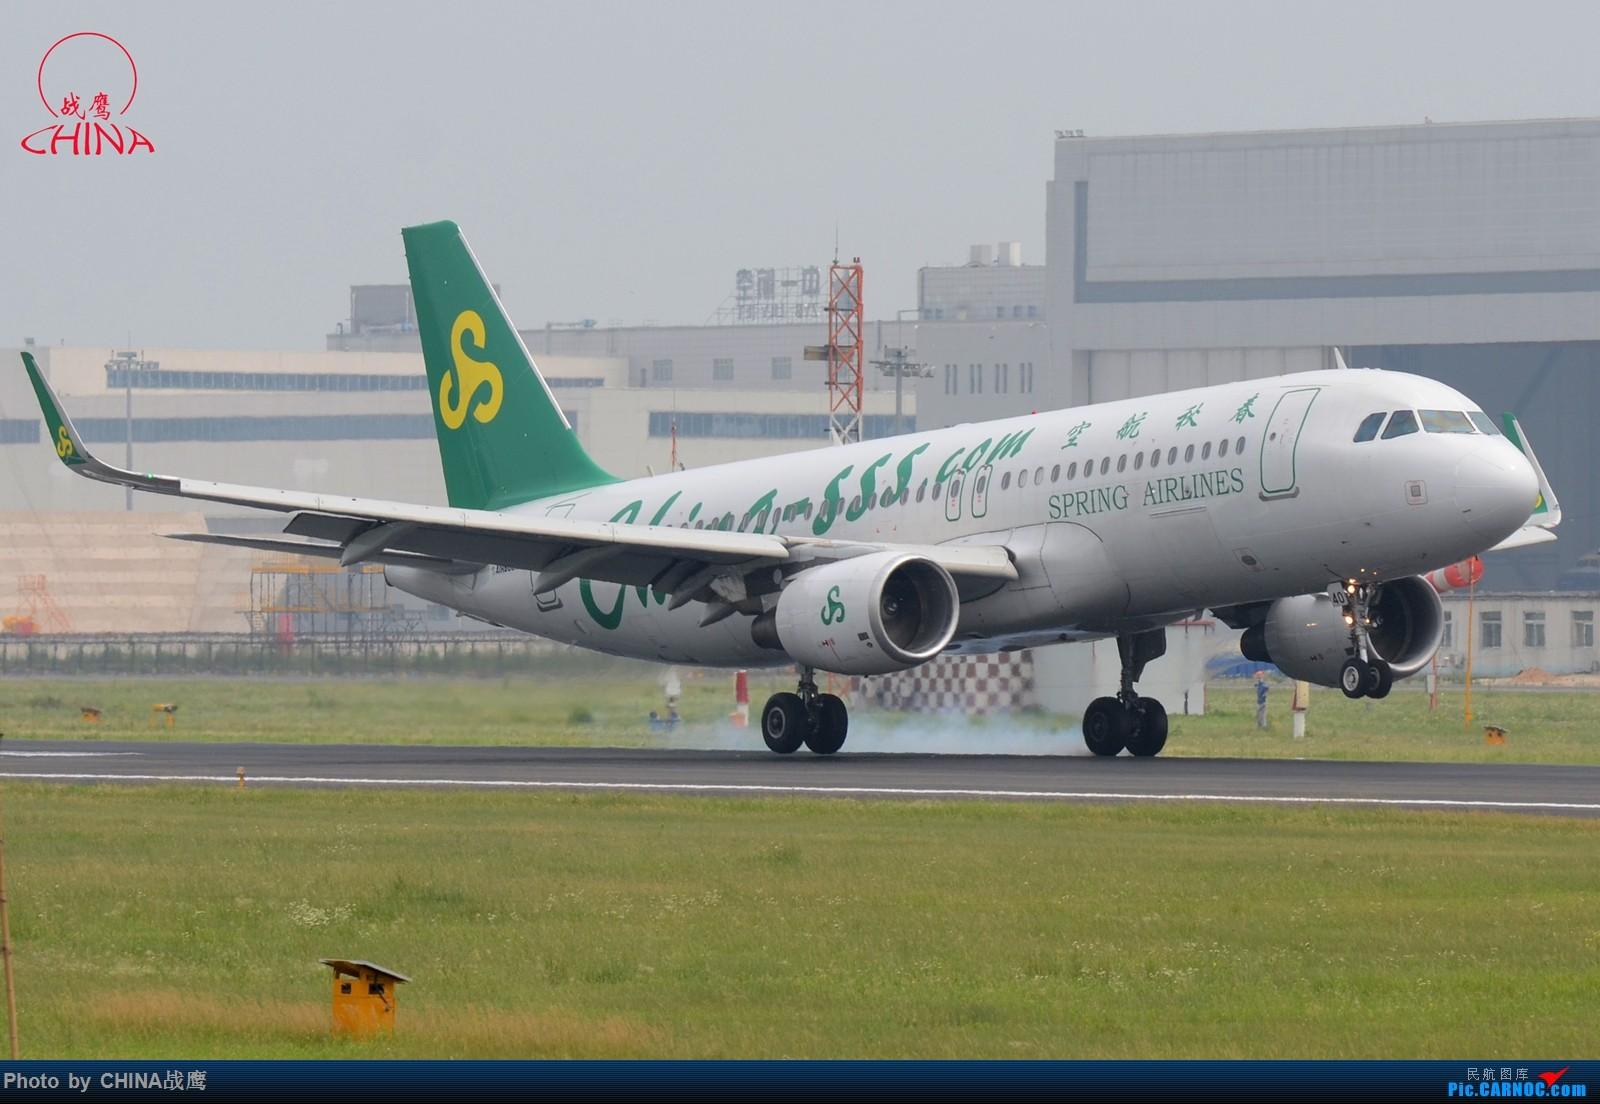 Re:[原创][SHE]透着竹竿鸟网的缝隙拍飞机 AIRBUS A320-200 B-9940 中国沈阳桃仙国际机场